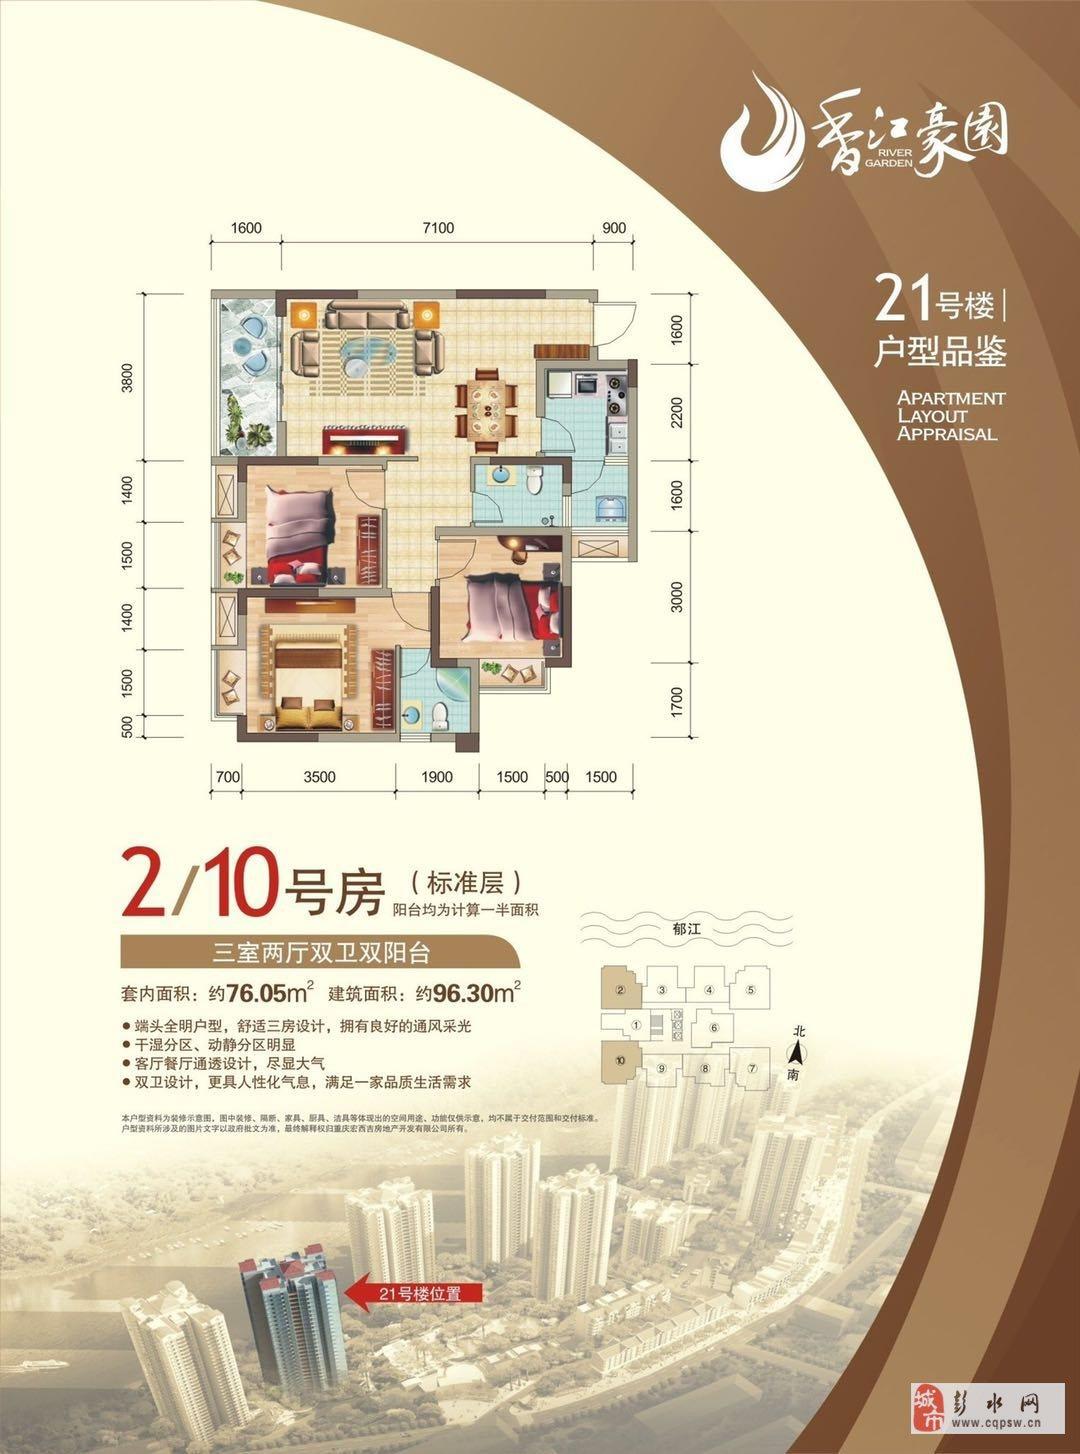 急售,香江豪园3室2厅2卫38万元工程抵款房